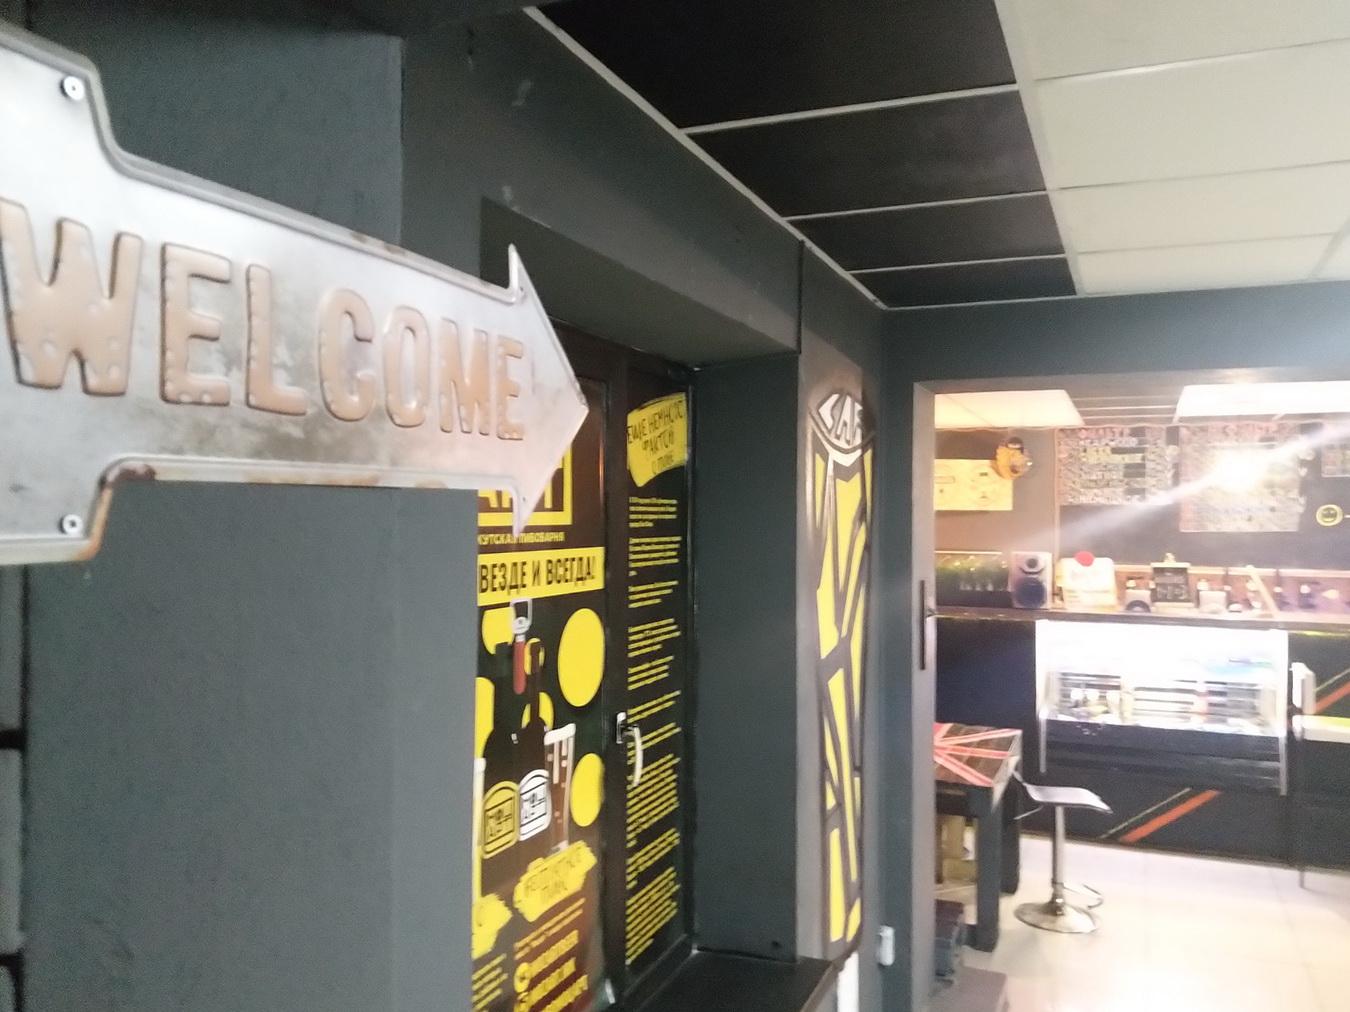 Public Catering на продажу по адресу Россия, Иркутская область, городской округ Иркутск, Иркутск, улица Карла Либкнехта, 118